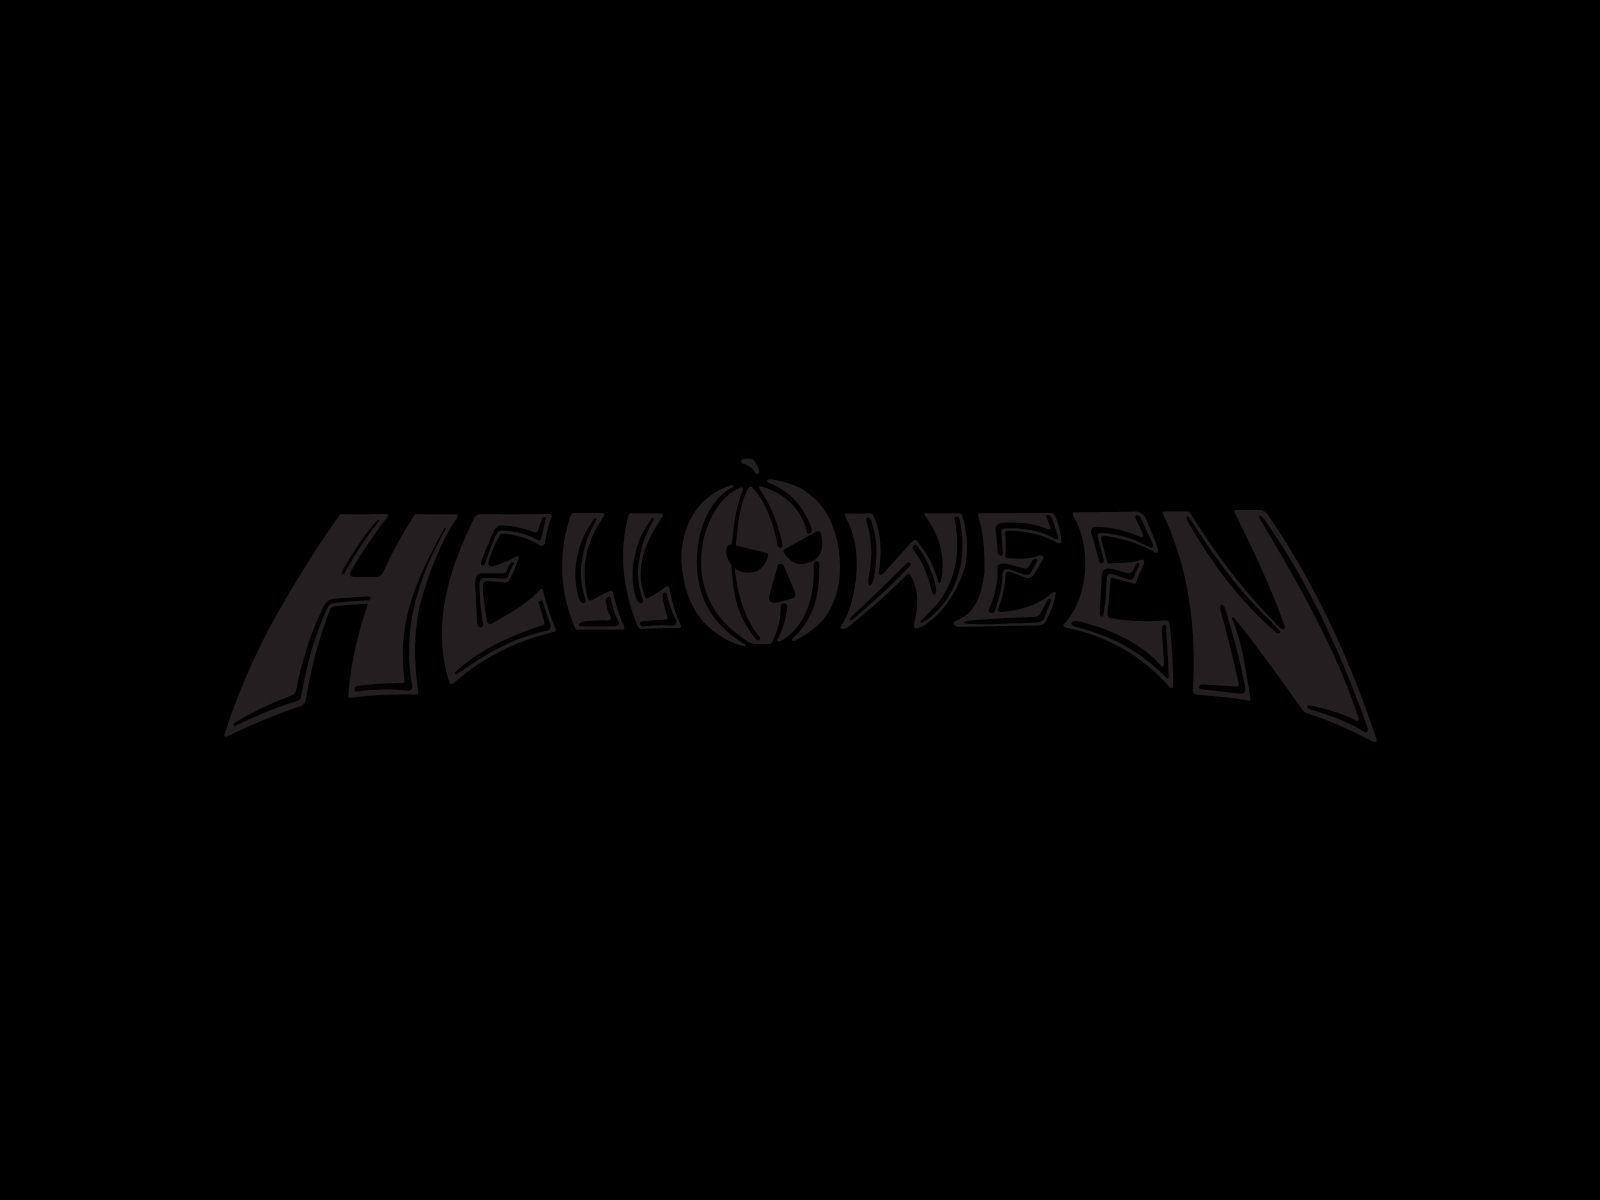 Helloween Band Logo